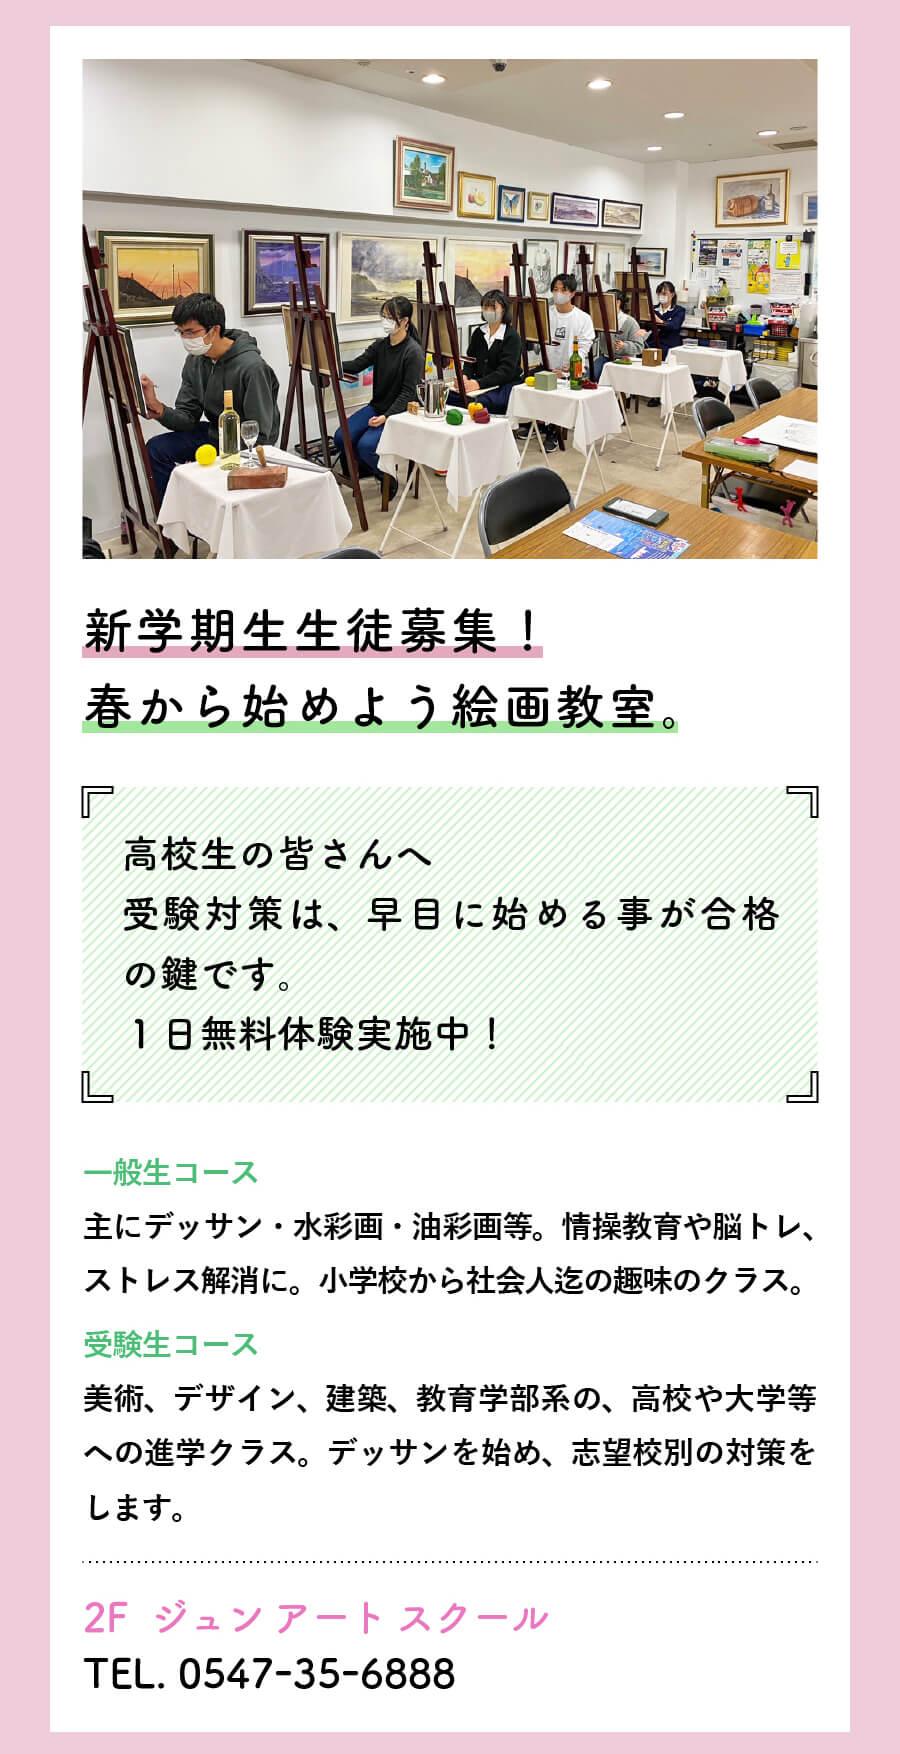 2F  ジュン アート スクール 新学期生生徒募集! 春から始めよう絵画教室。